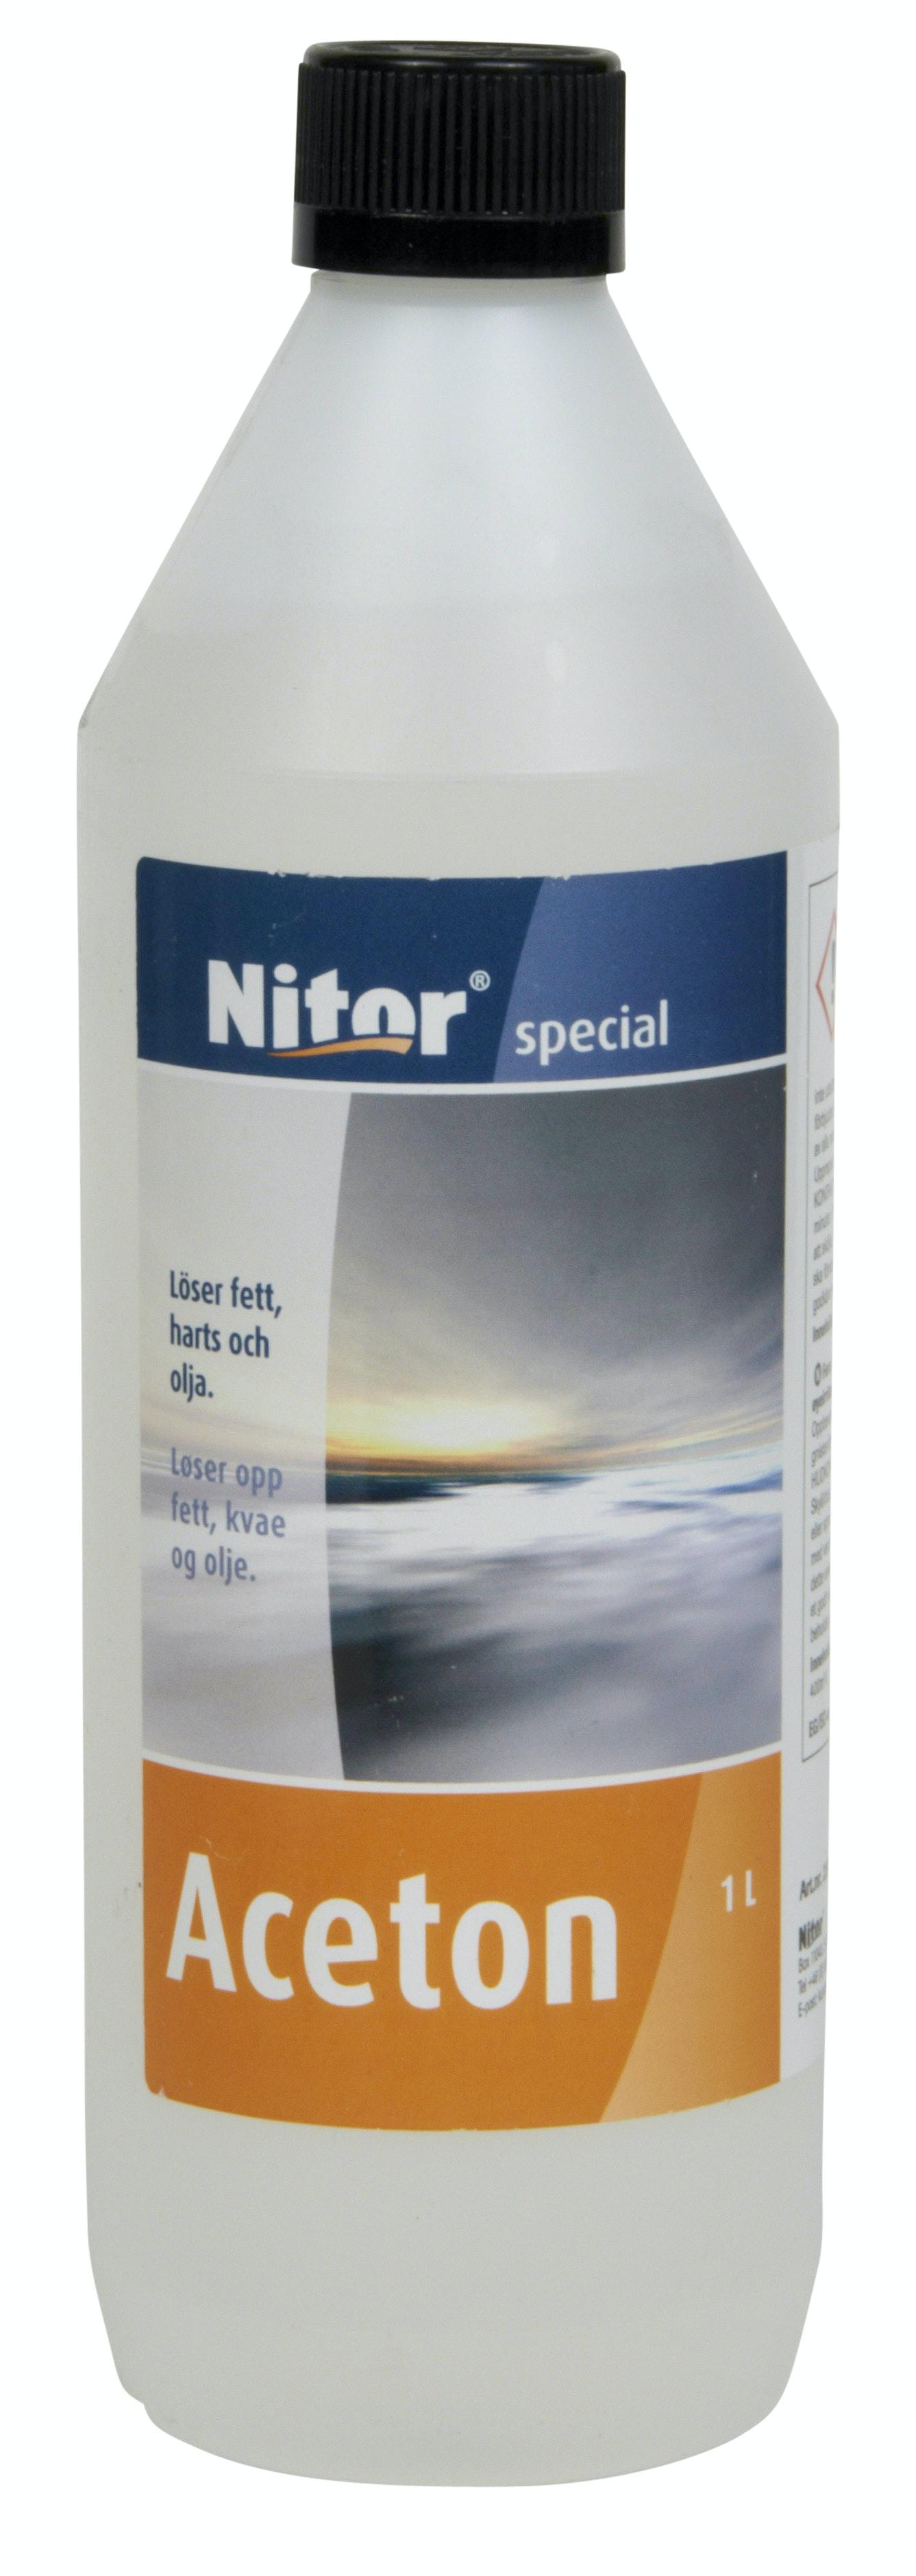 Aceton Nitor 5l